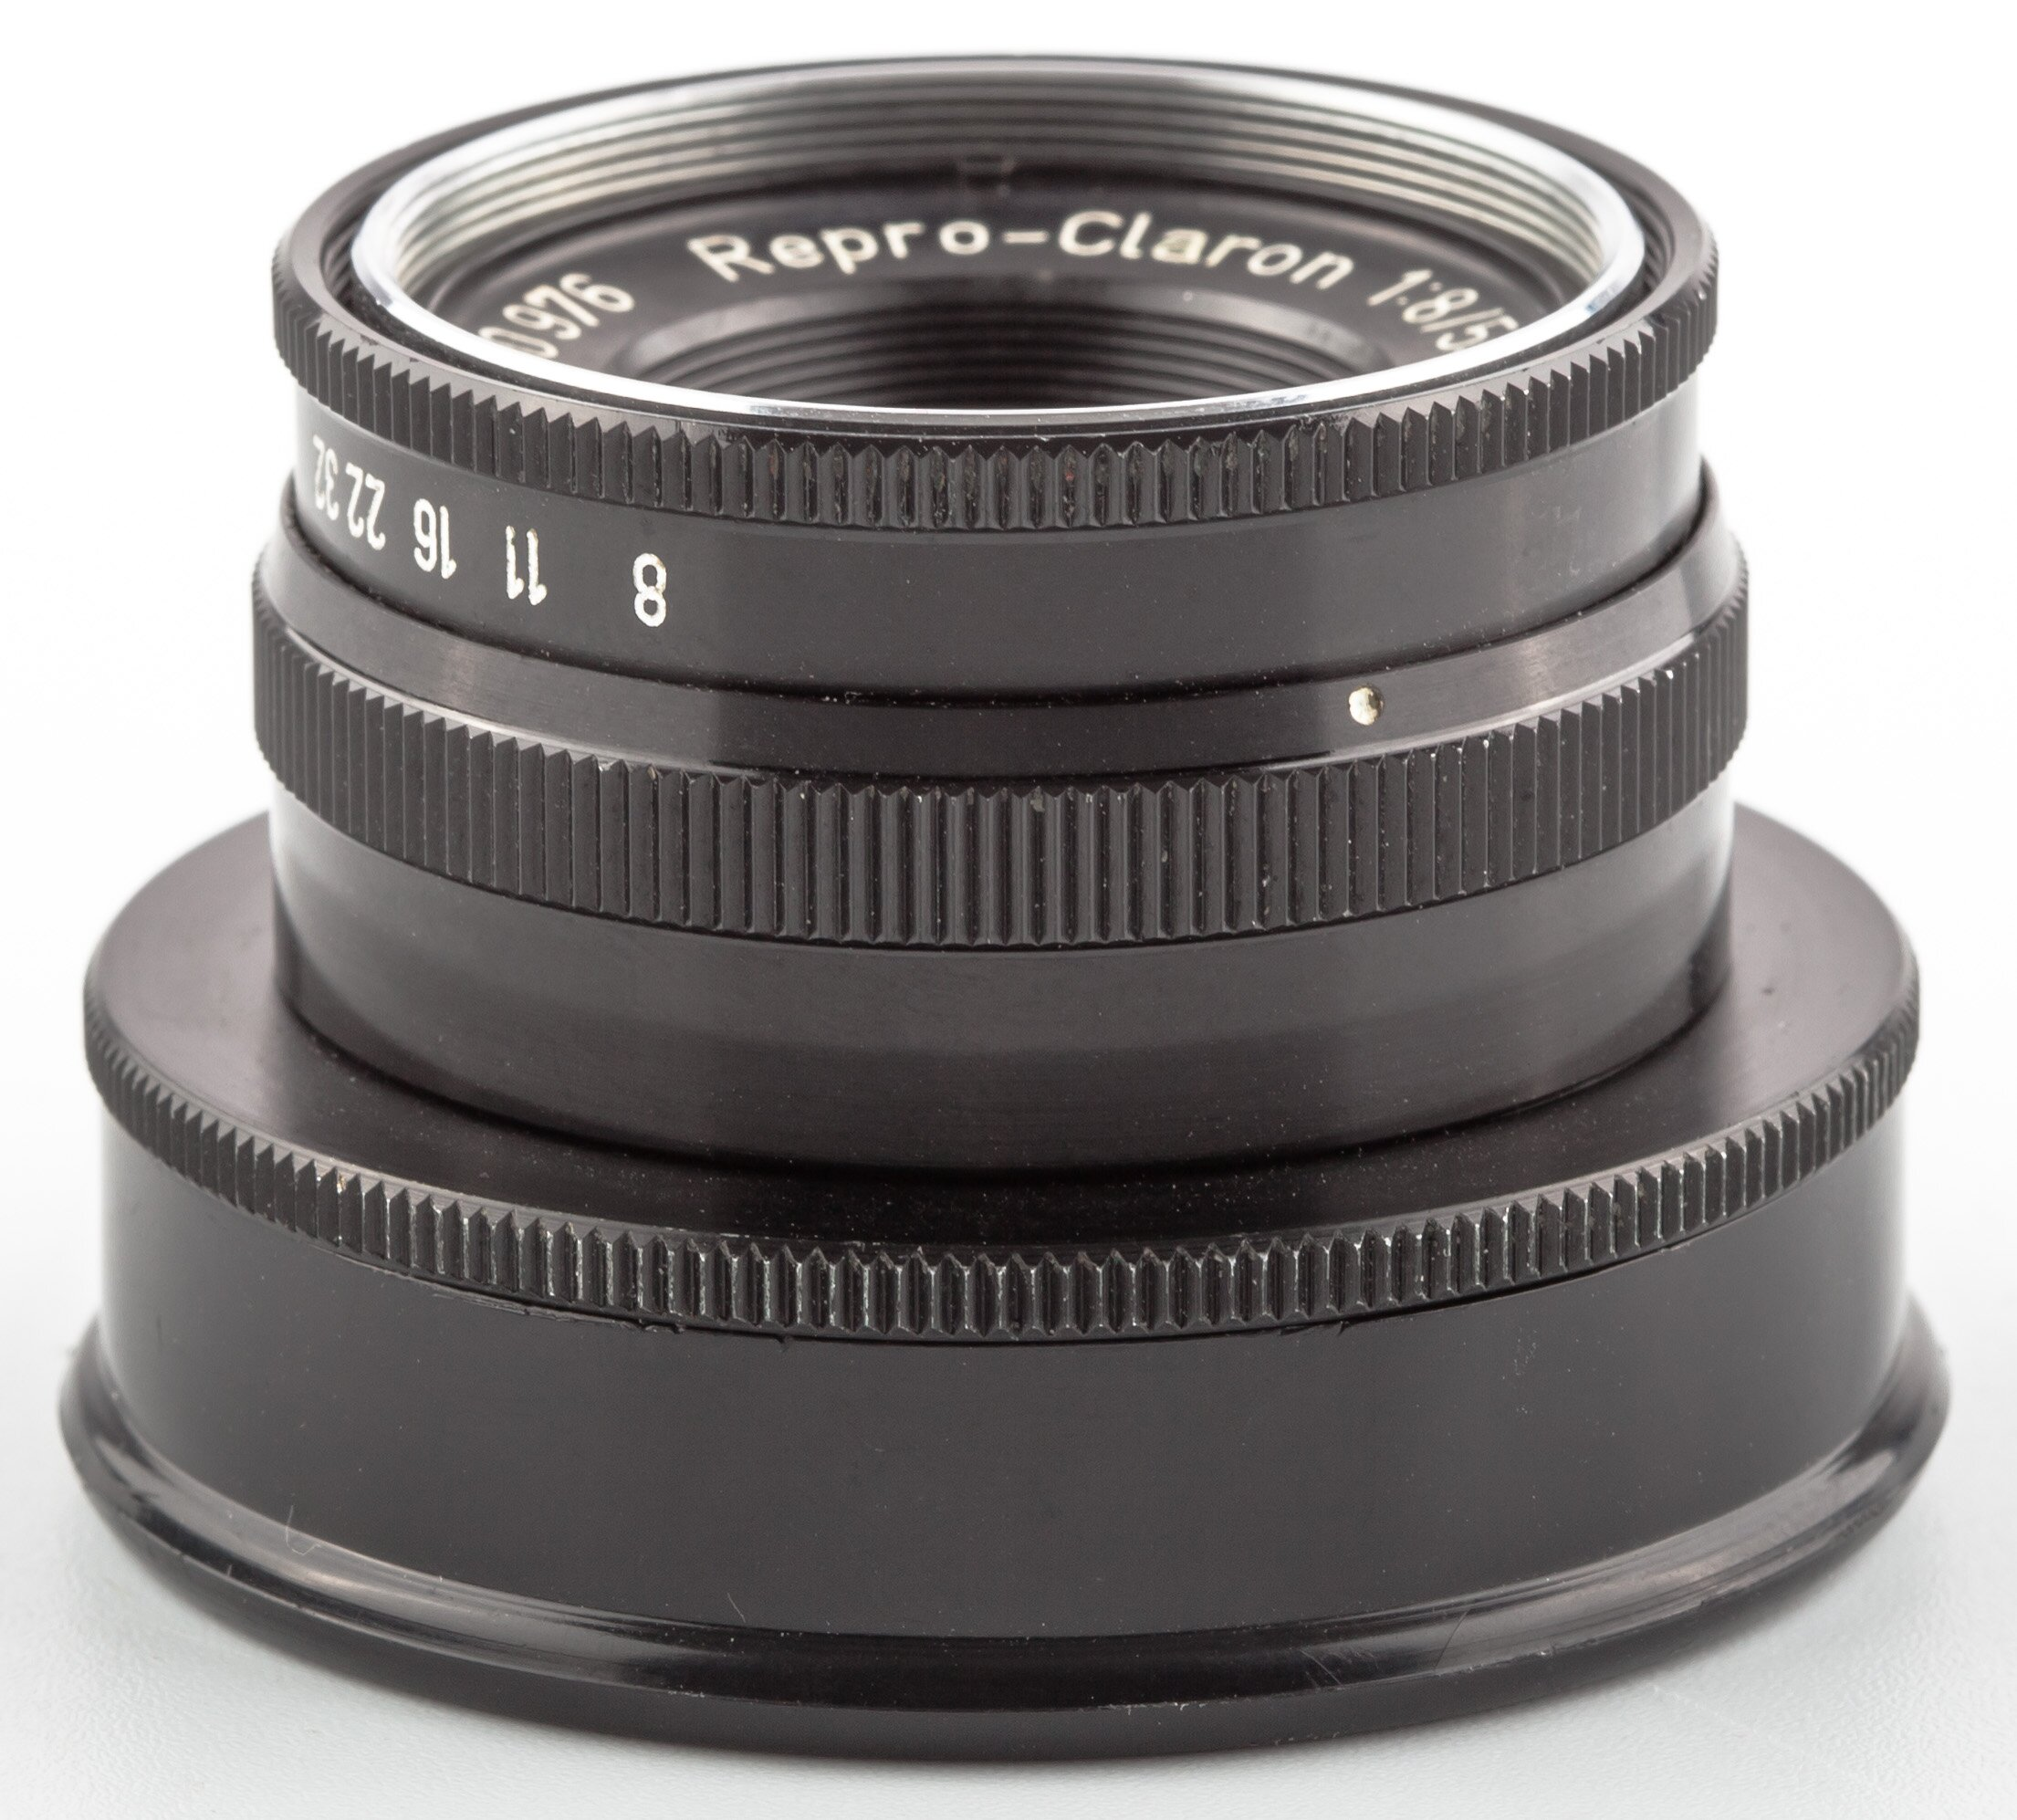 Schneider 8/55mm Repro-Claron